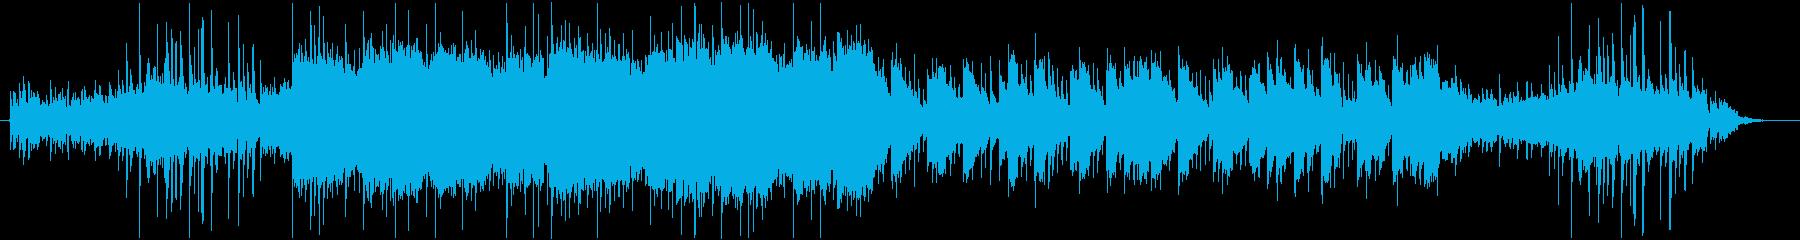 ラグジュアリーなエレクトロポップの再生済みの波形